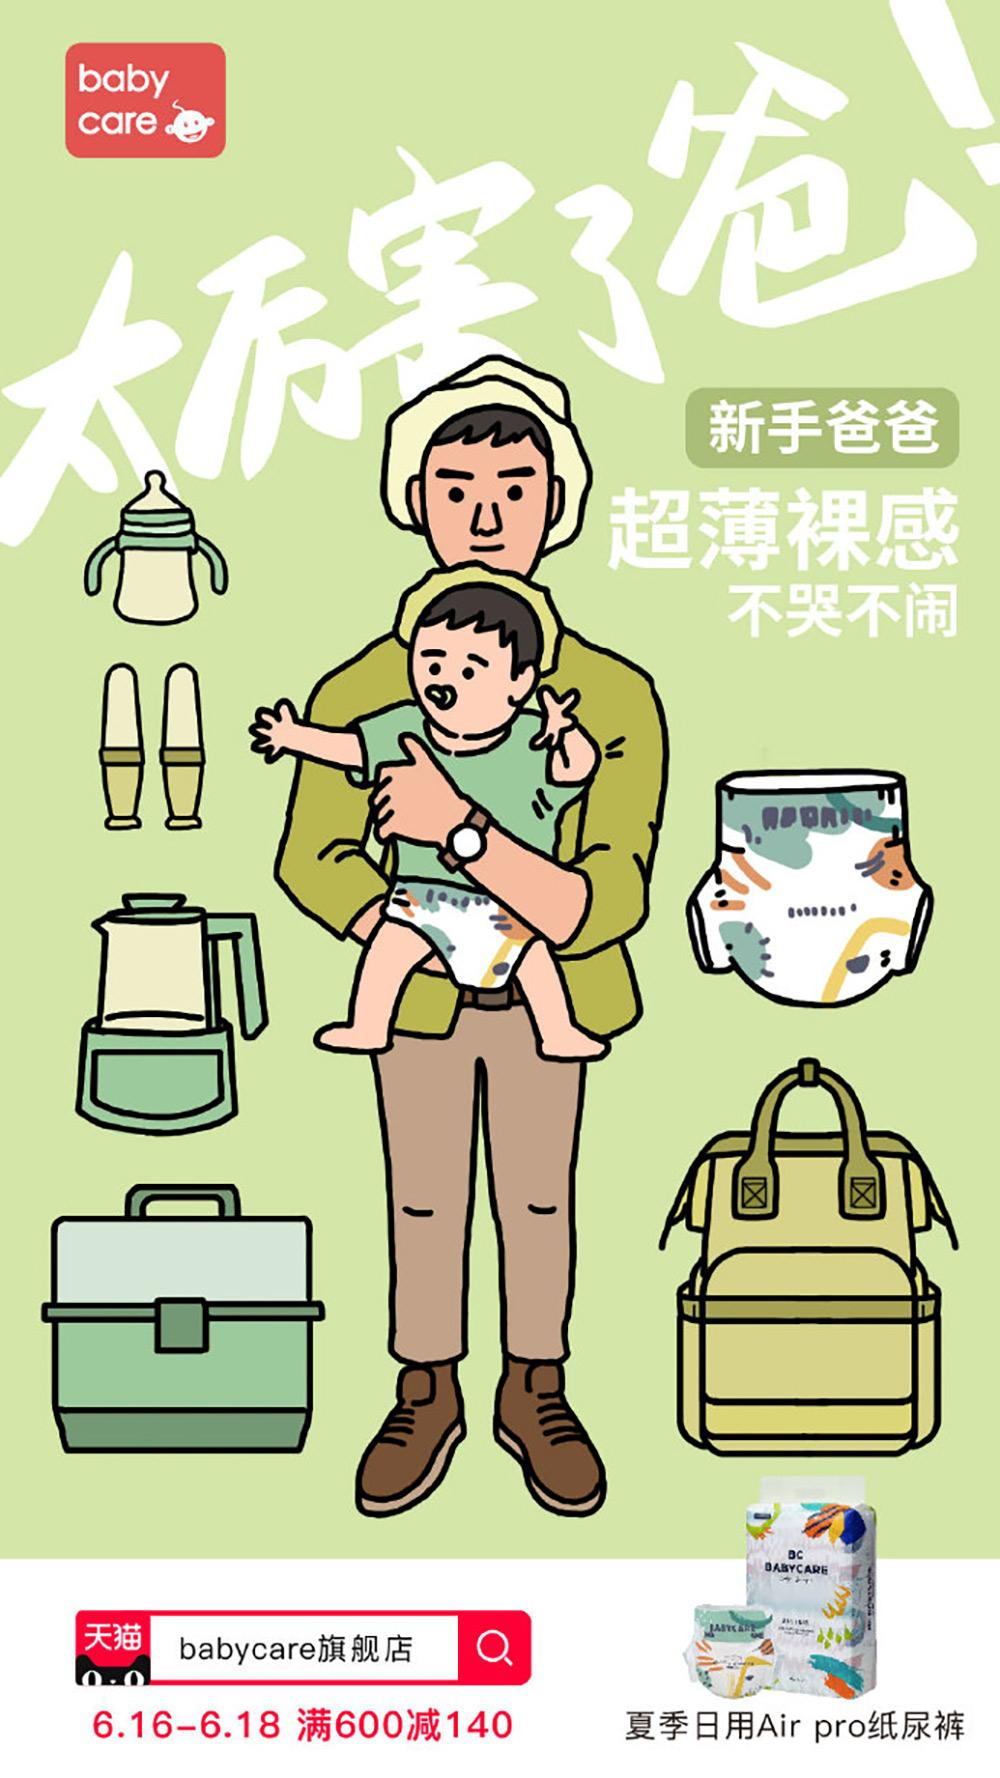 24款各大品牌的父亲节海报设计